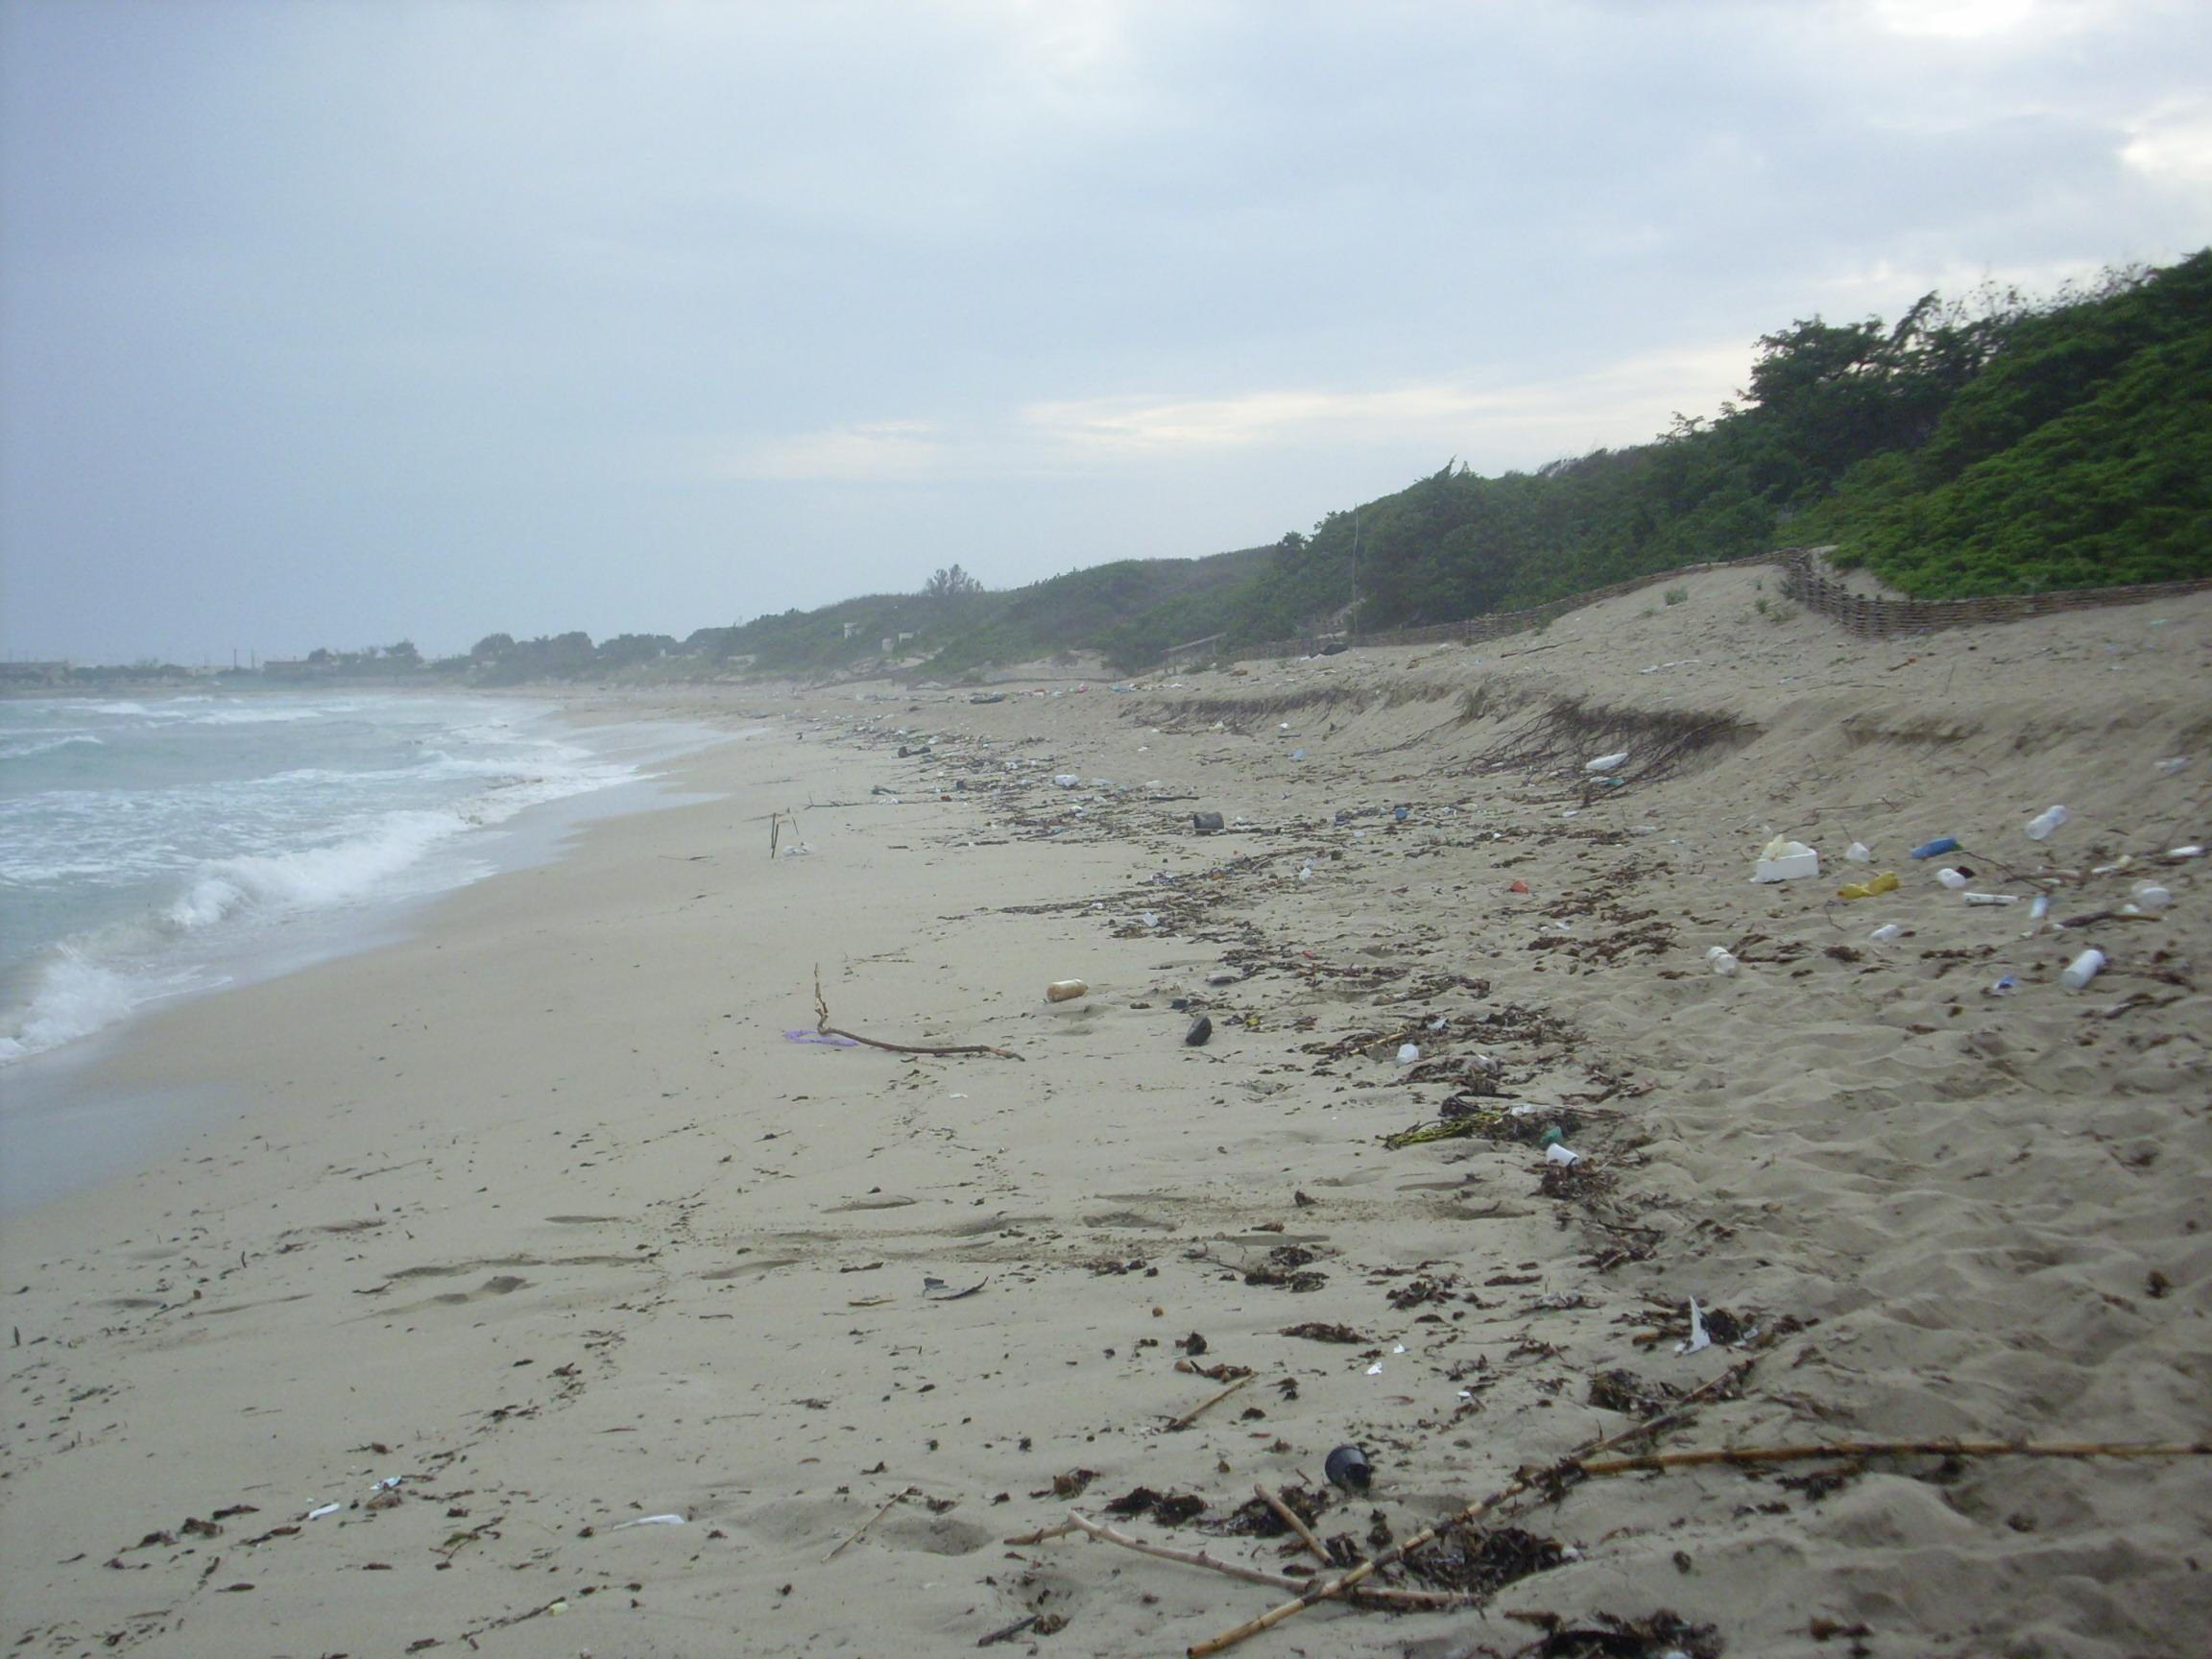 Spiaggia-sporca